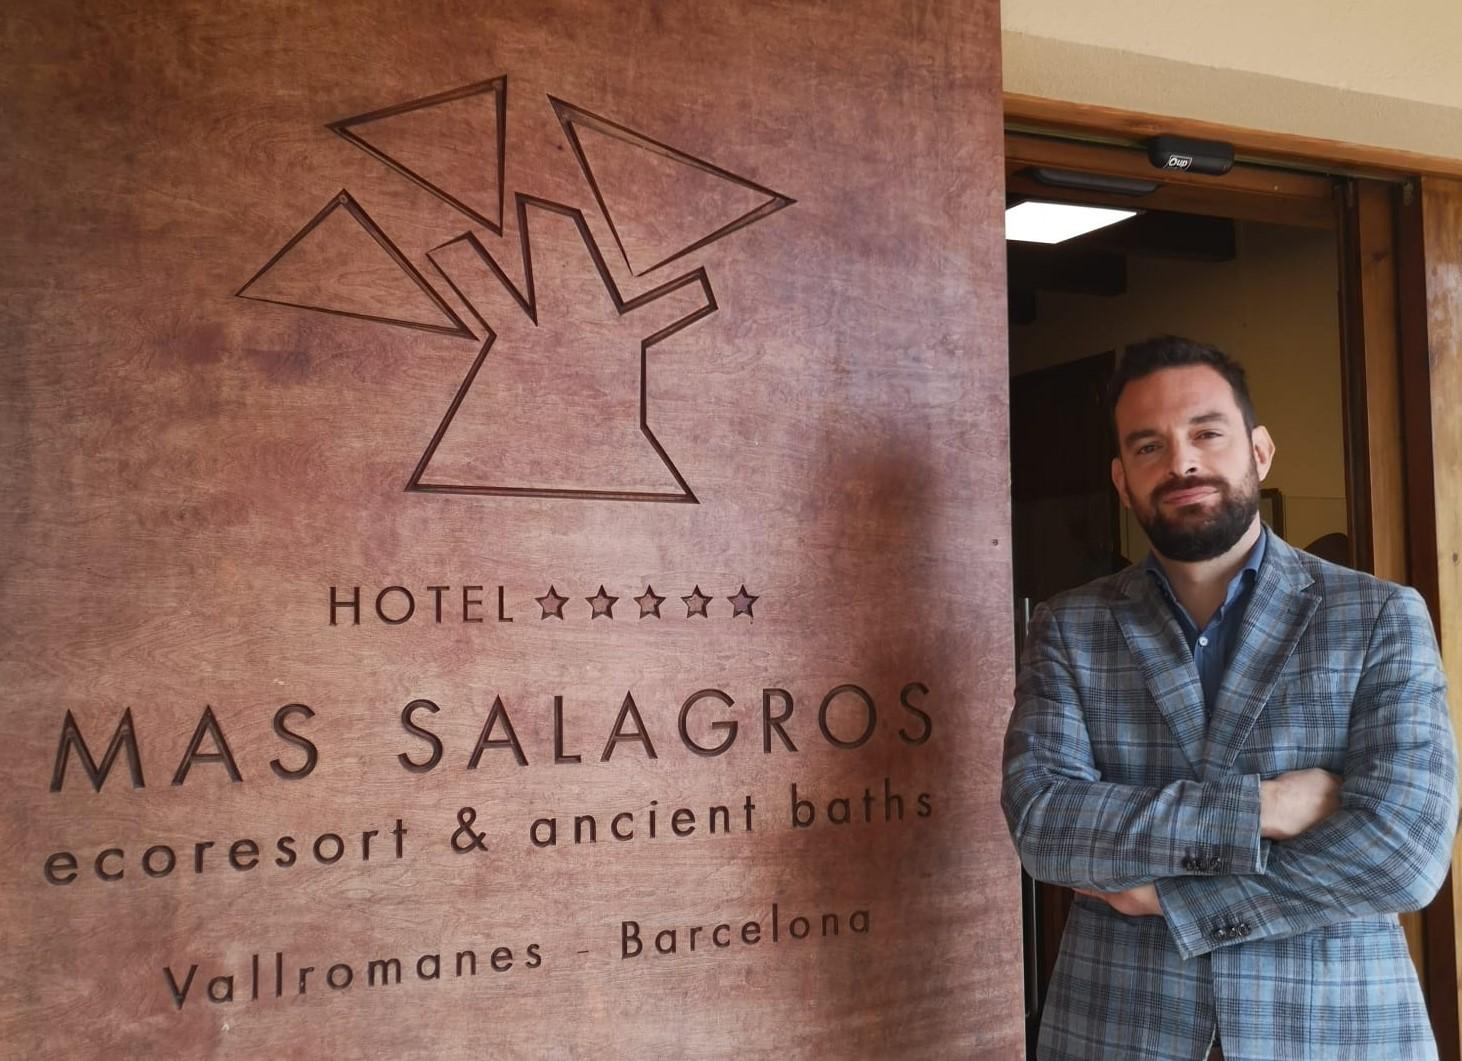 Javier Pérez (Mas Salagros EcoResort & Ancient Baths): «El gran éxito que hemos tenido es haber seleccionado las personas correctas»